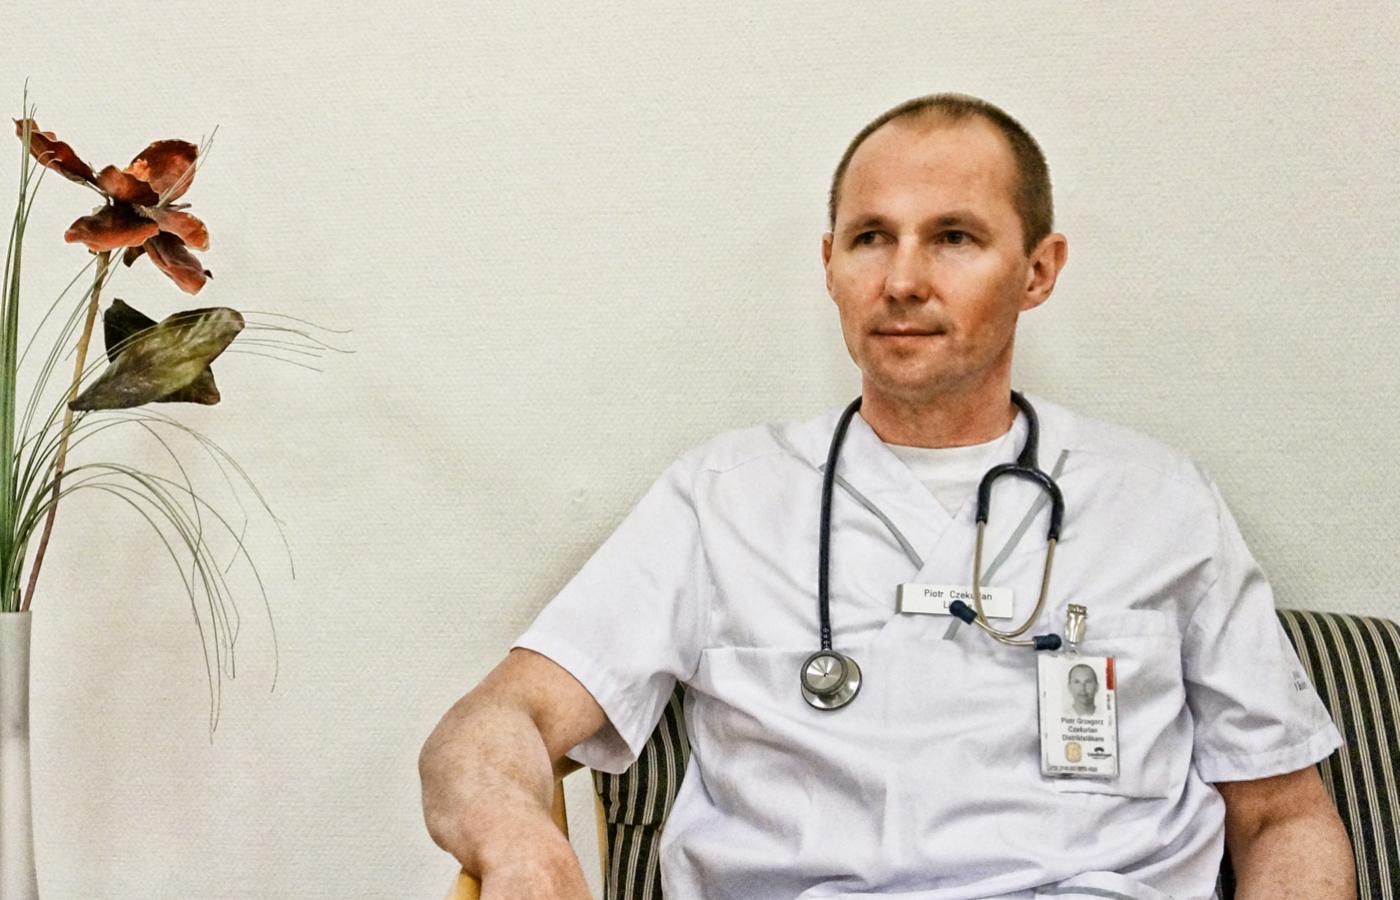 Lekarze umawiają się z pielęgniarkami